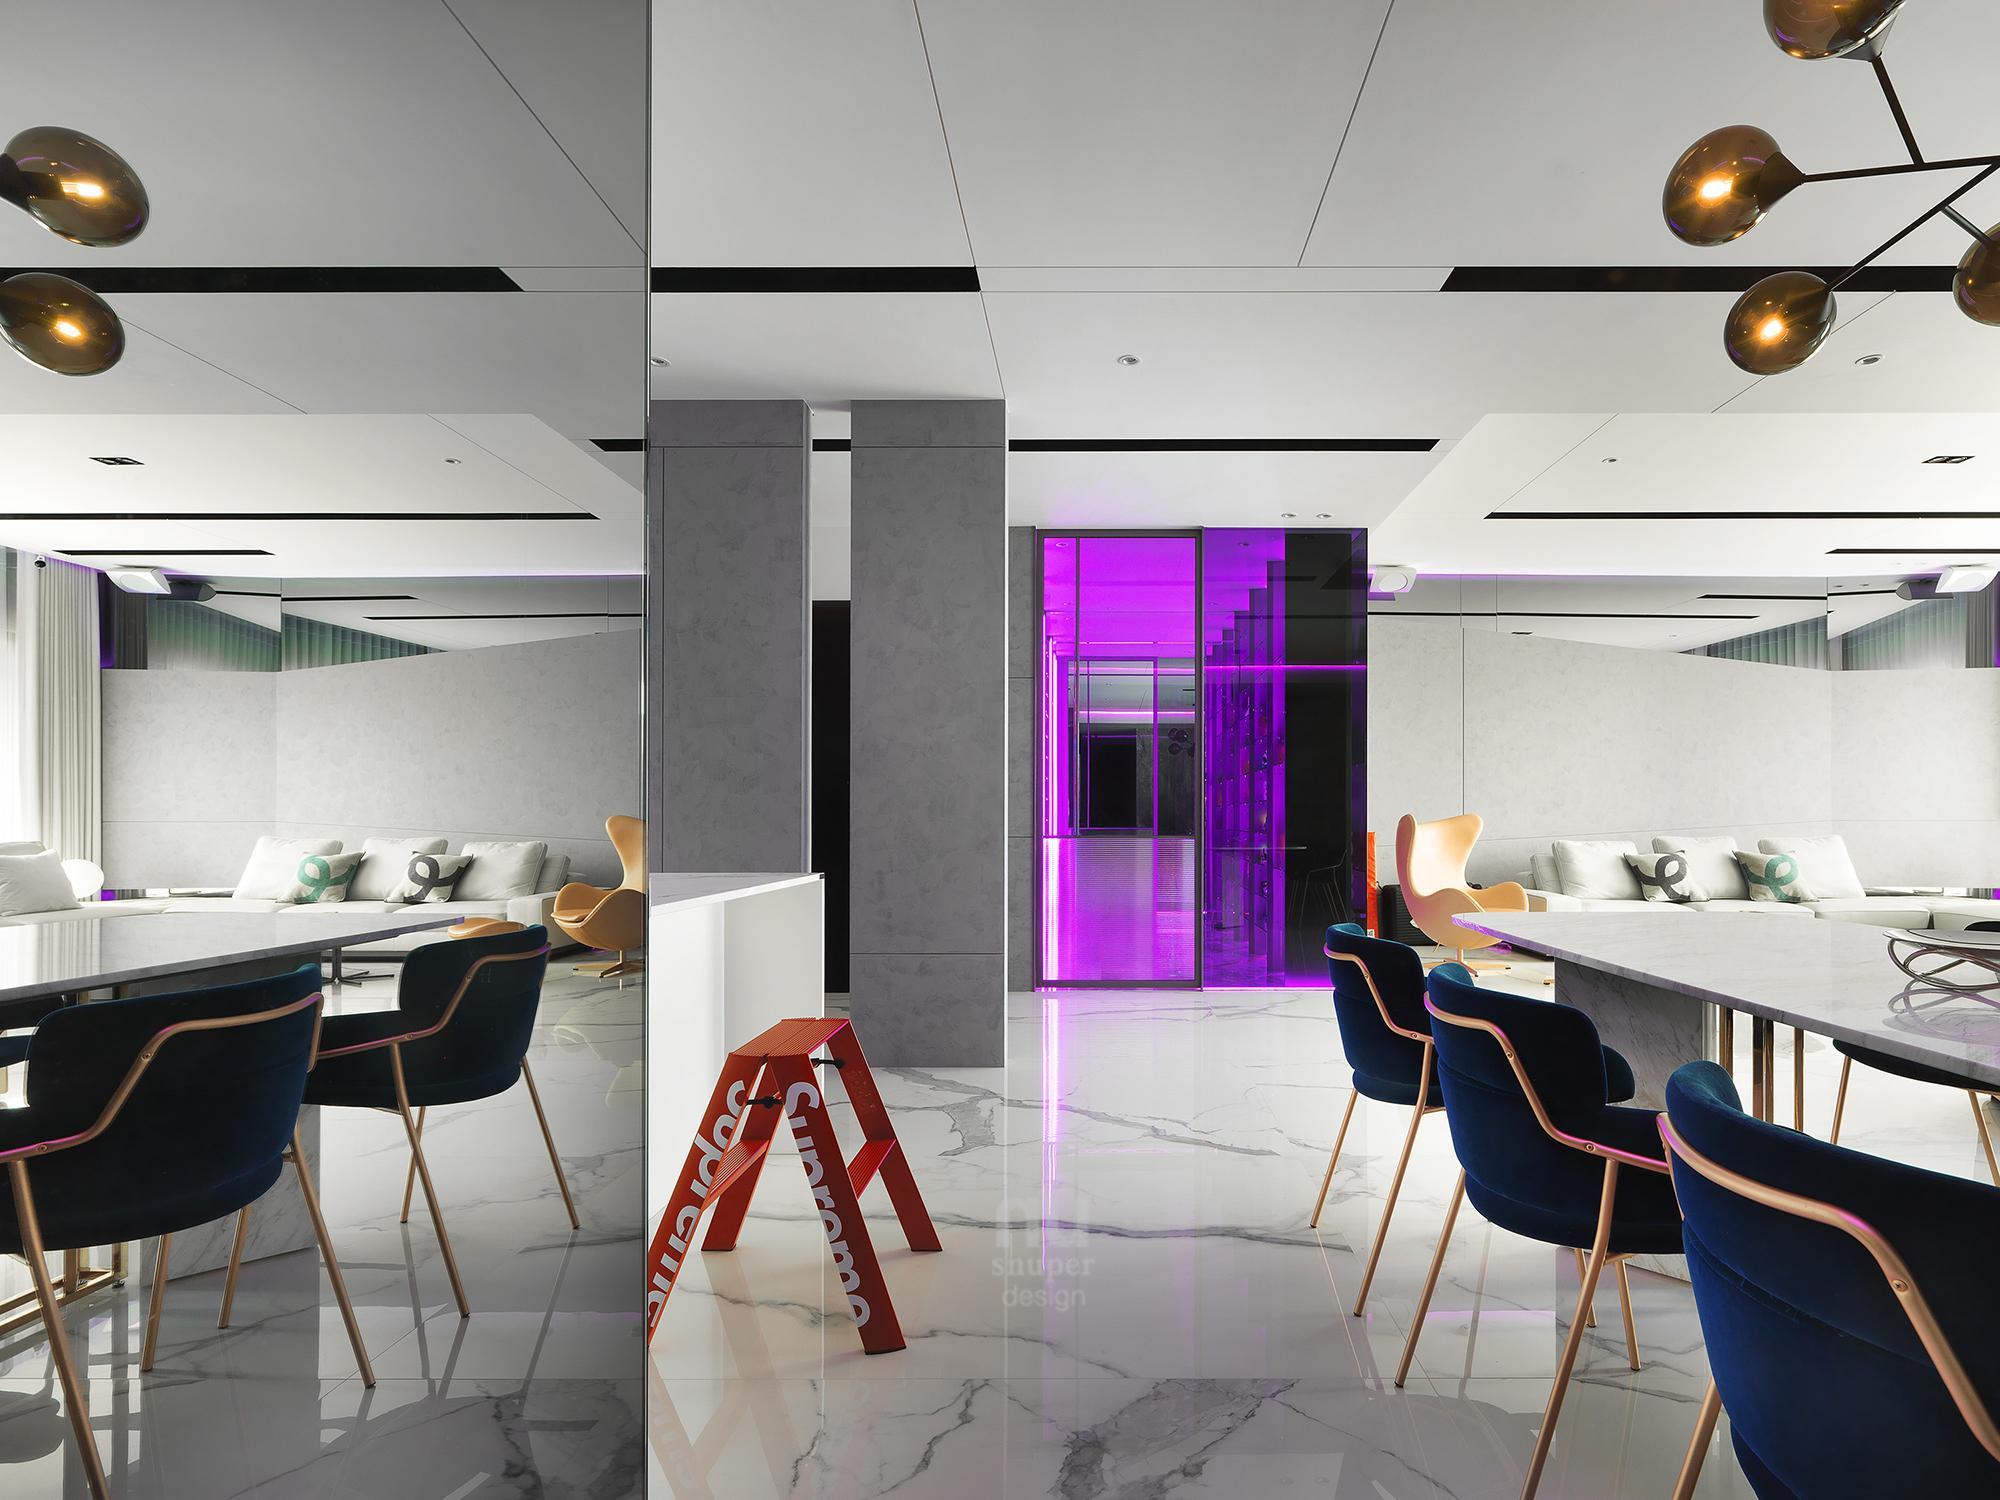 img-15422722758豪宅設計 - 都會時尚天堂-客廳